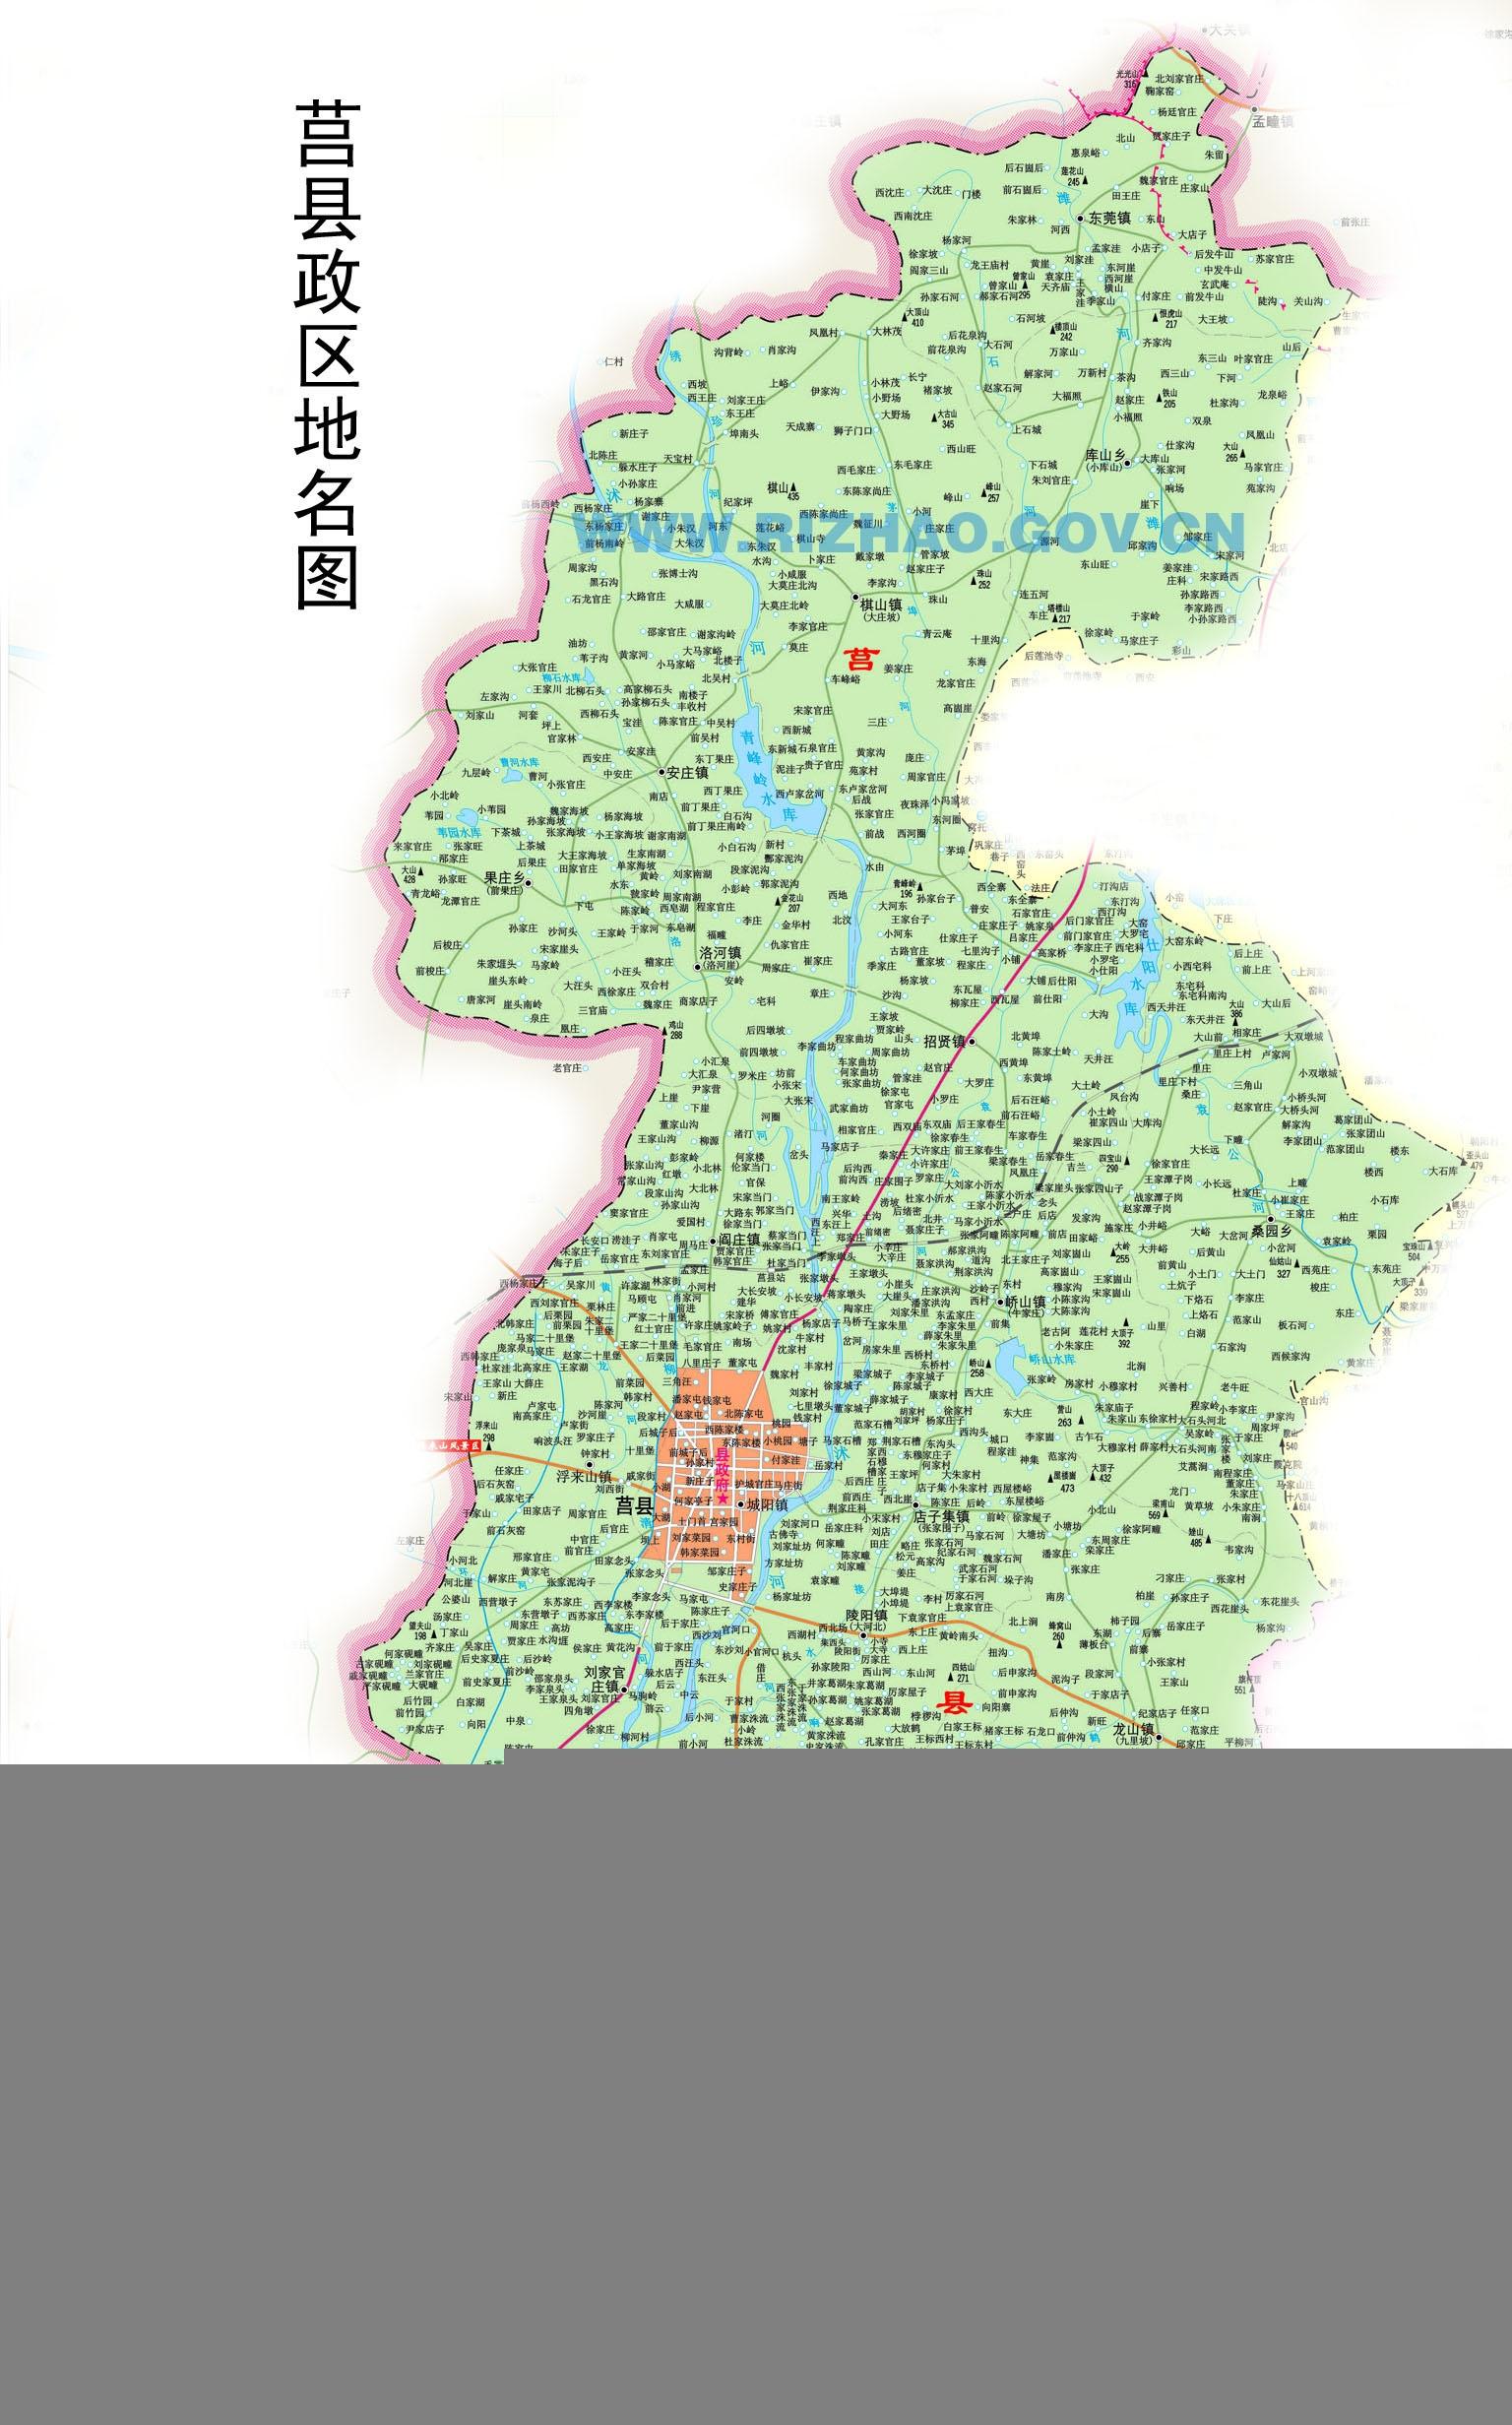 山东省日照市政区图-日照市政区图-地图专区-地图